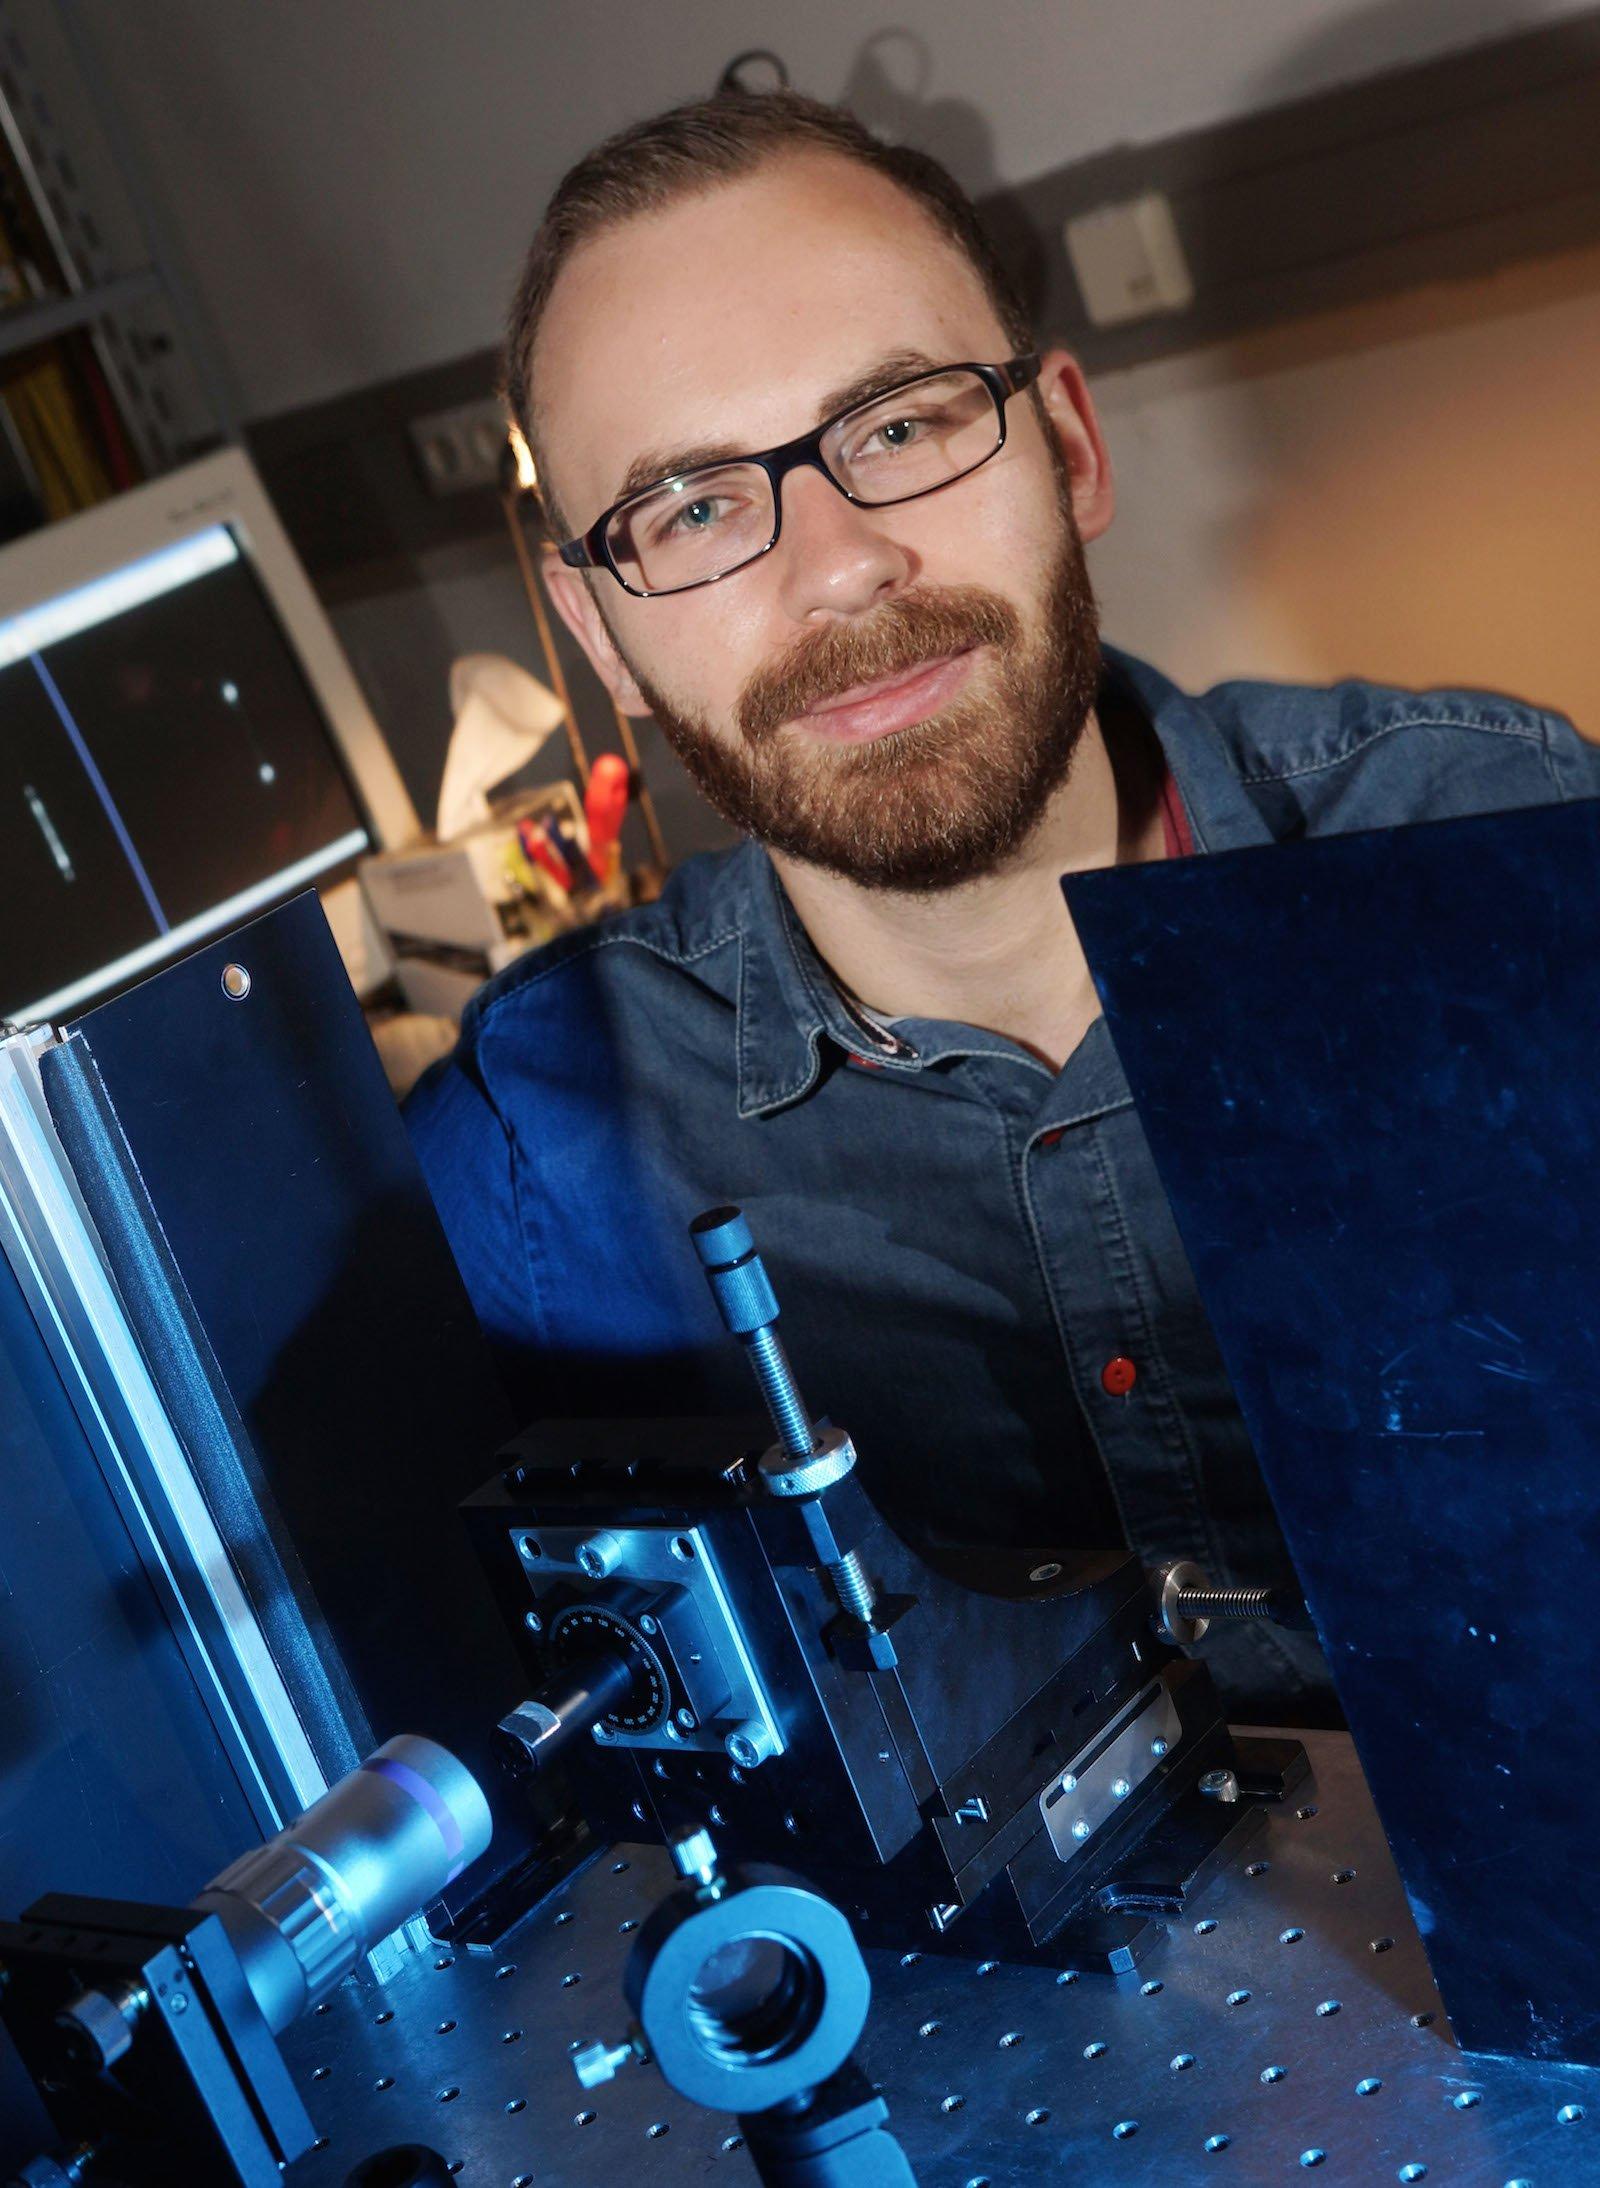 Doktorand Robert Röder im Labor in Jena: Schneller schaltet kein anderer Laser.